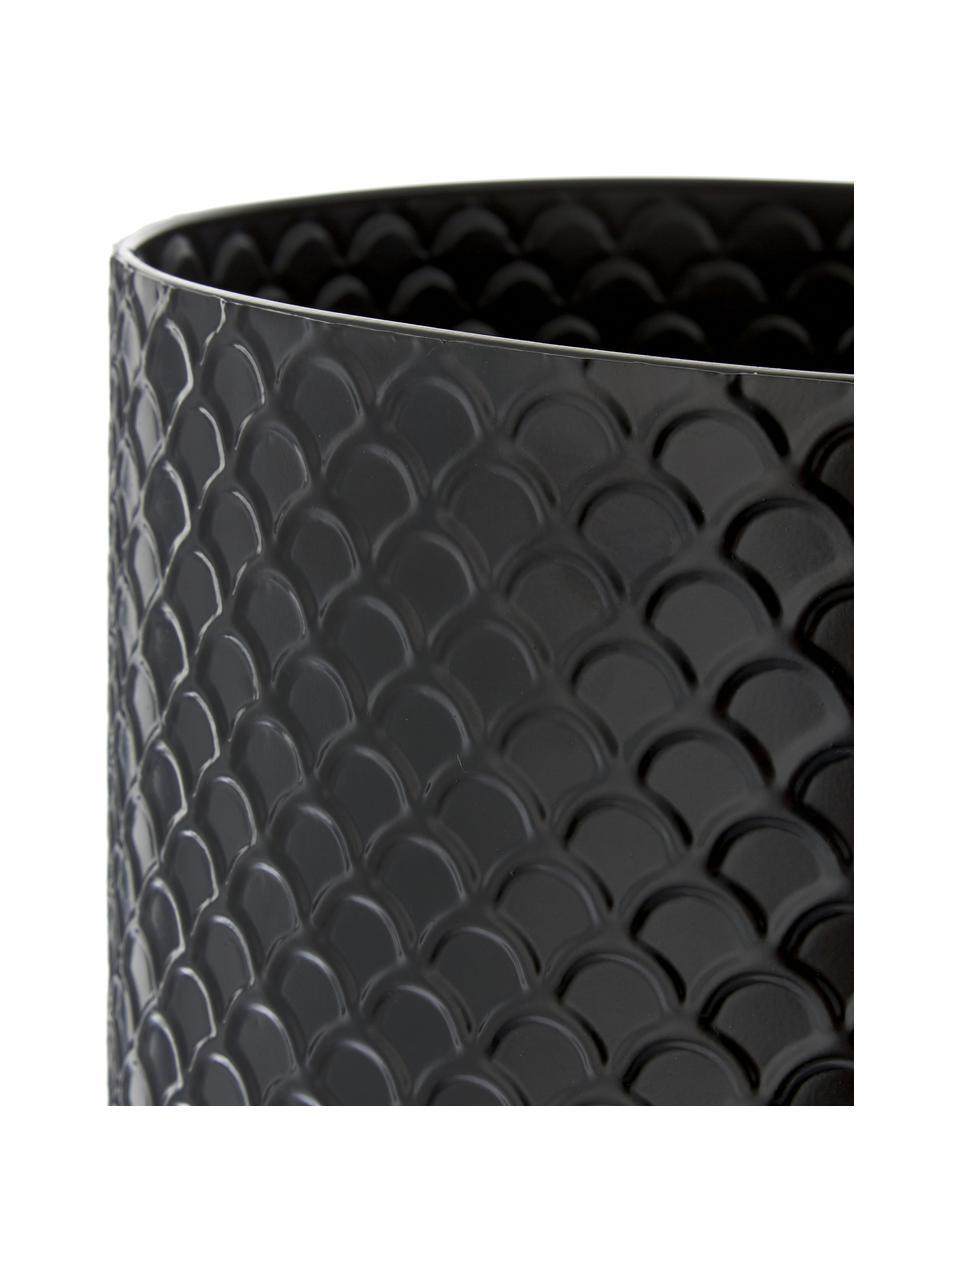 XL Übertopf Indian aus Metall, Metall, beschichtet, Schwarz, Ø 32 x H 60 cm